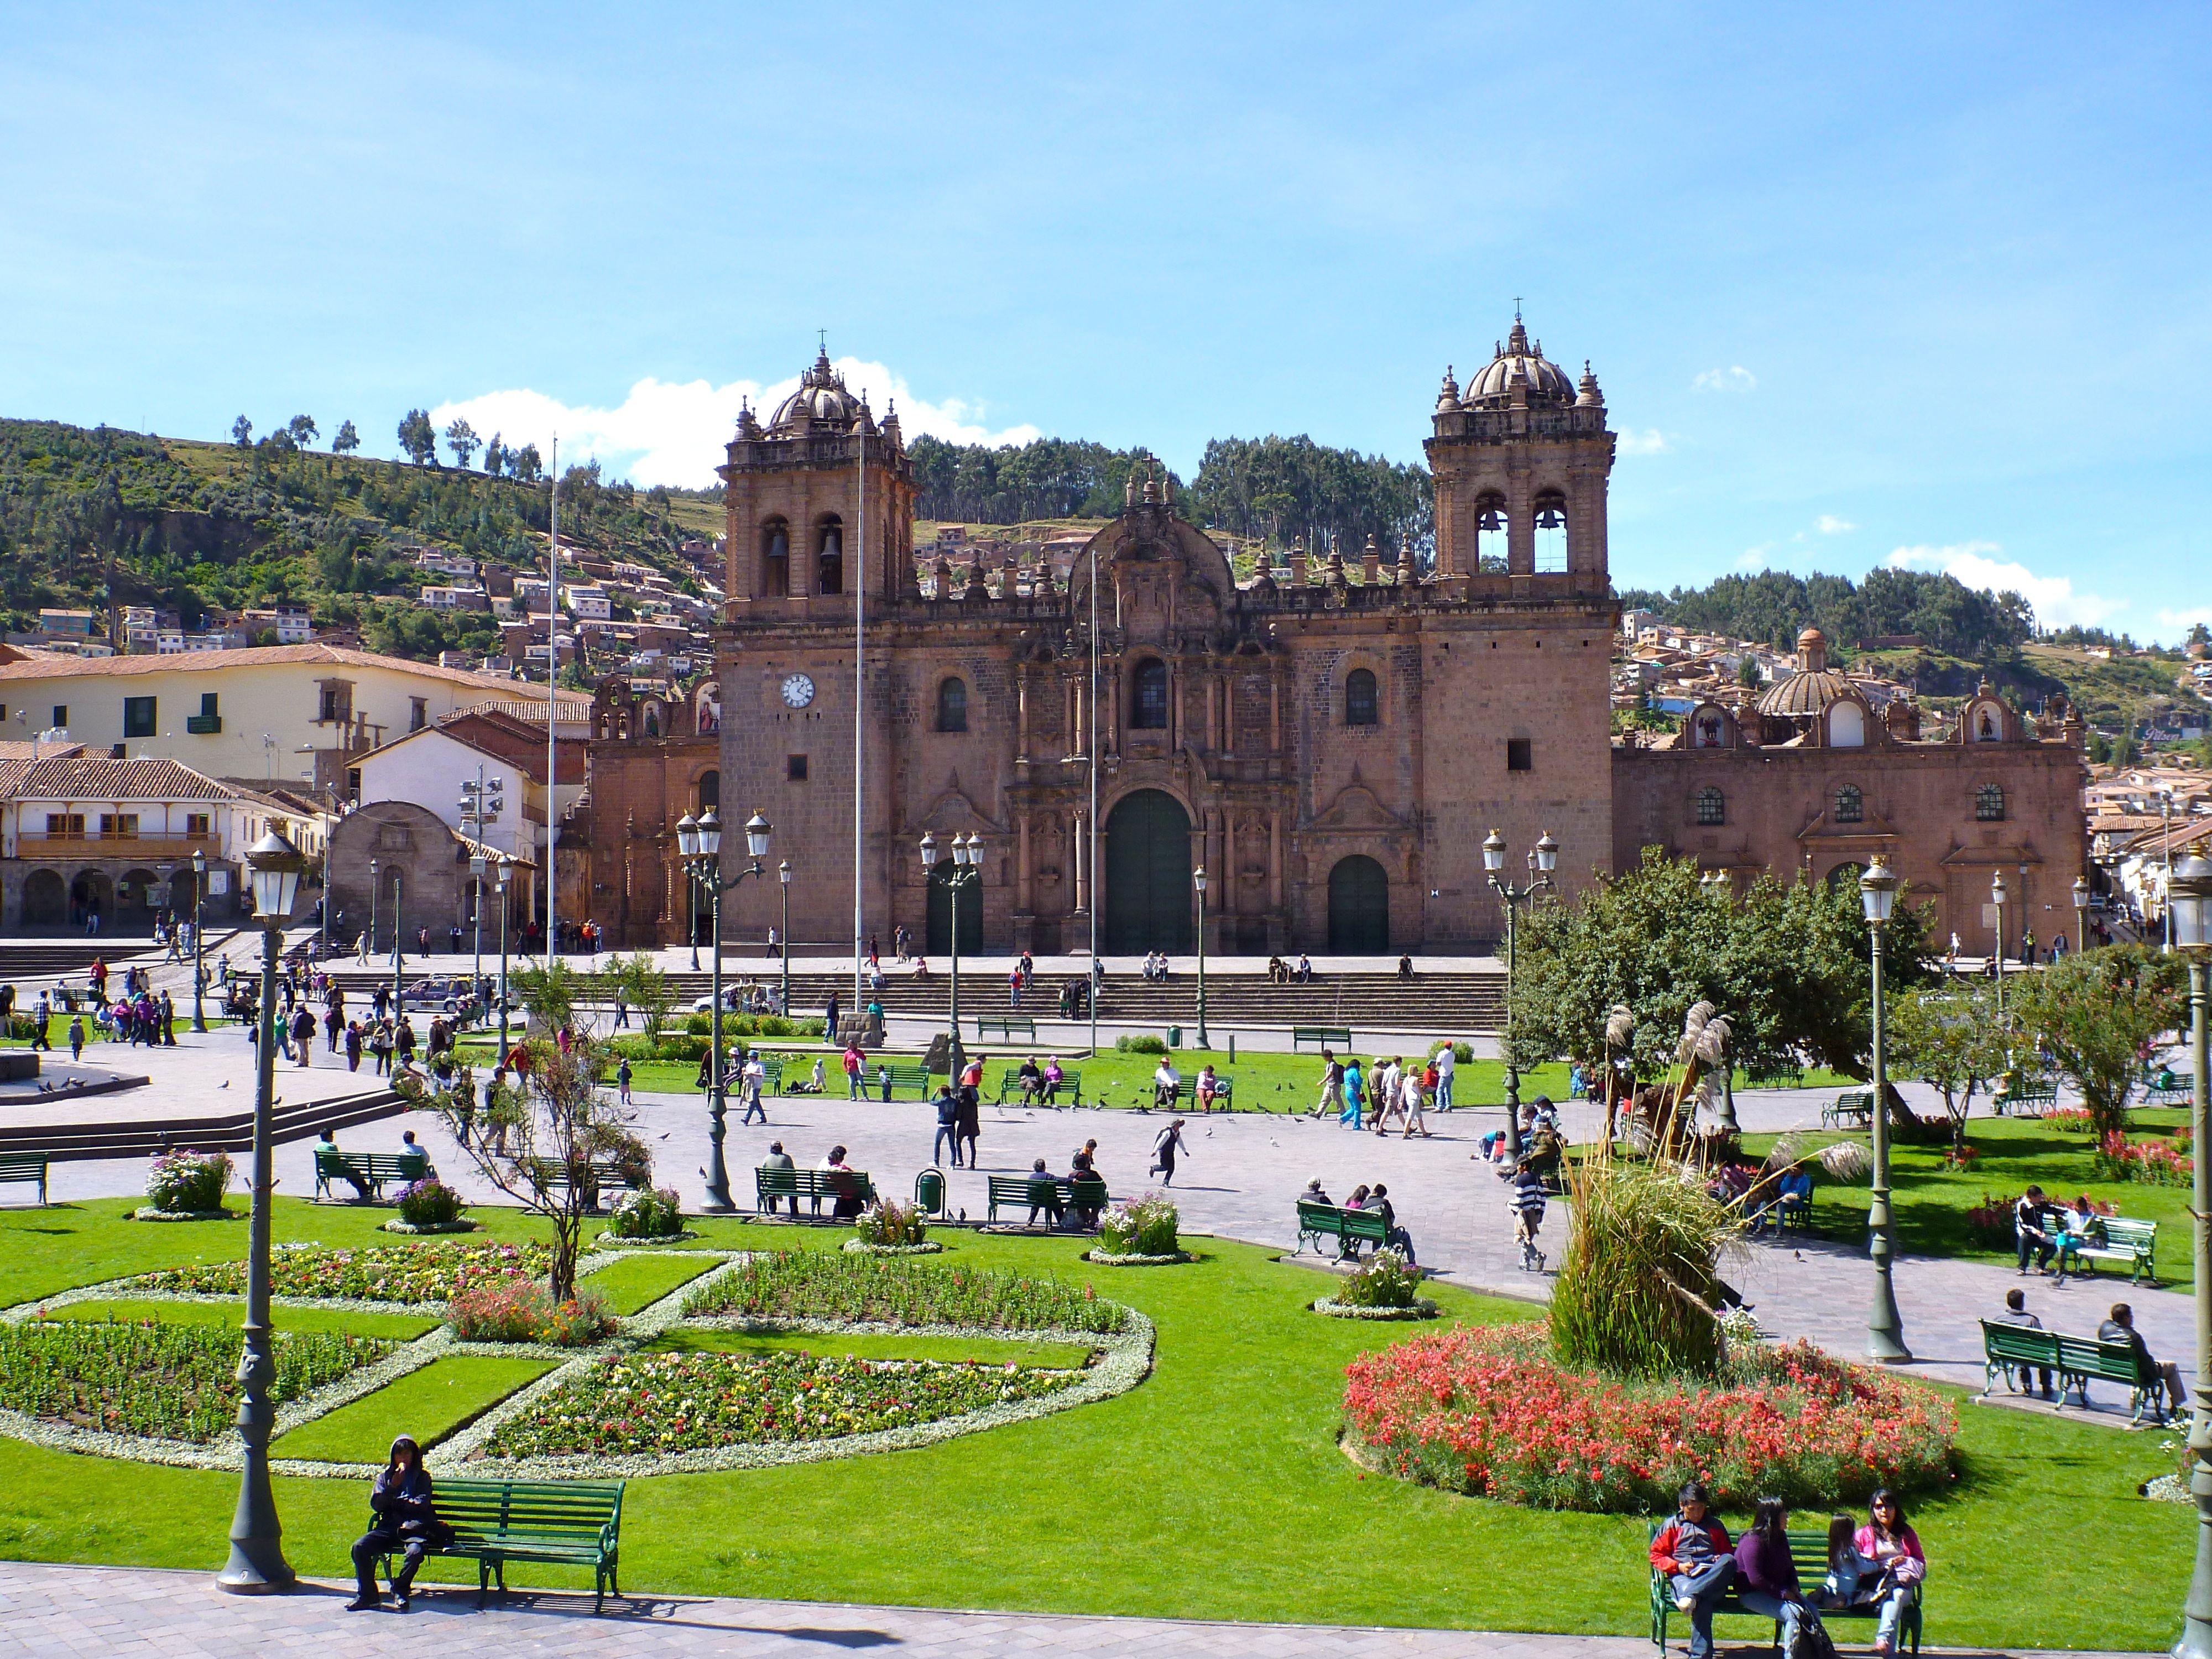 Jours 8 et 9 : derniers jours au Pérou et toujours des rencontres incroyables !